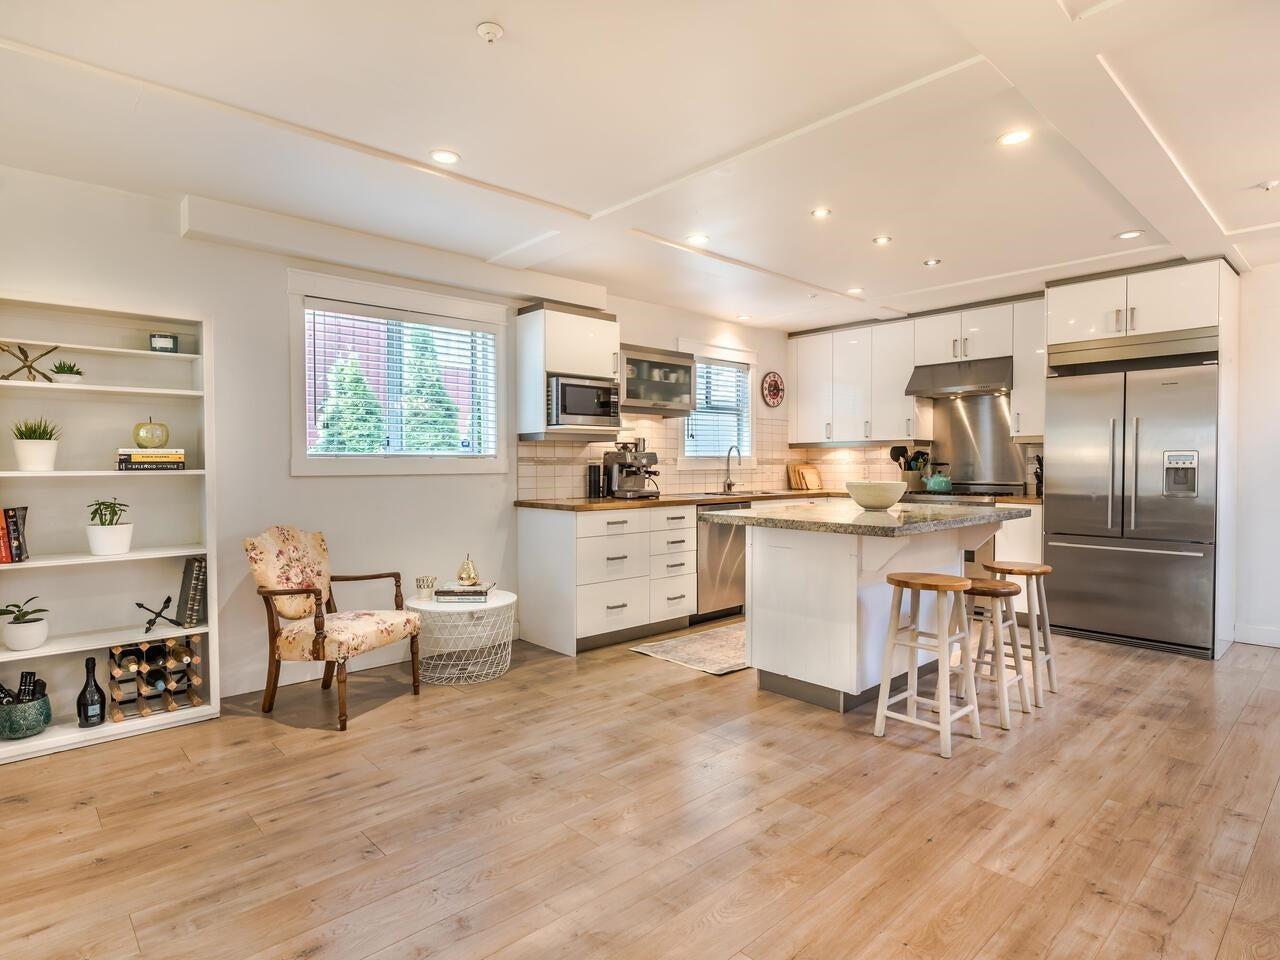 1231 E 11TH AVENUE - Mount Pleasant VE 1/2 Duplex for sale, 3 Bedrooms (R2625828) - #16